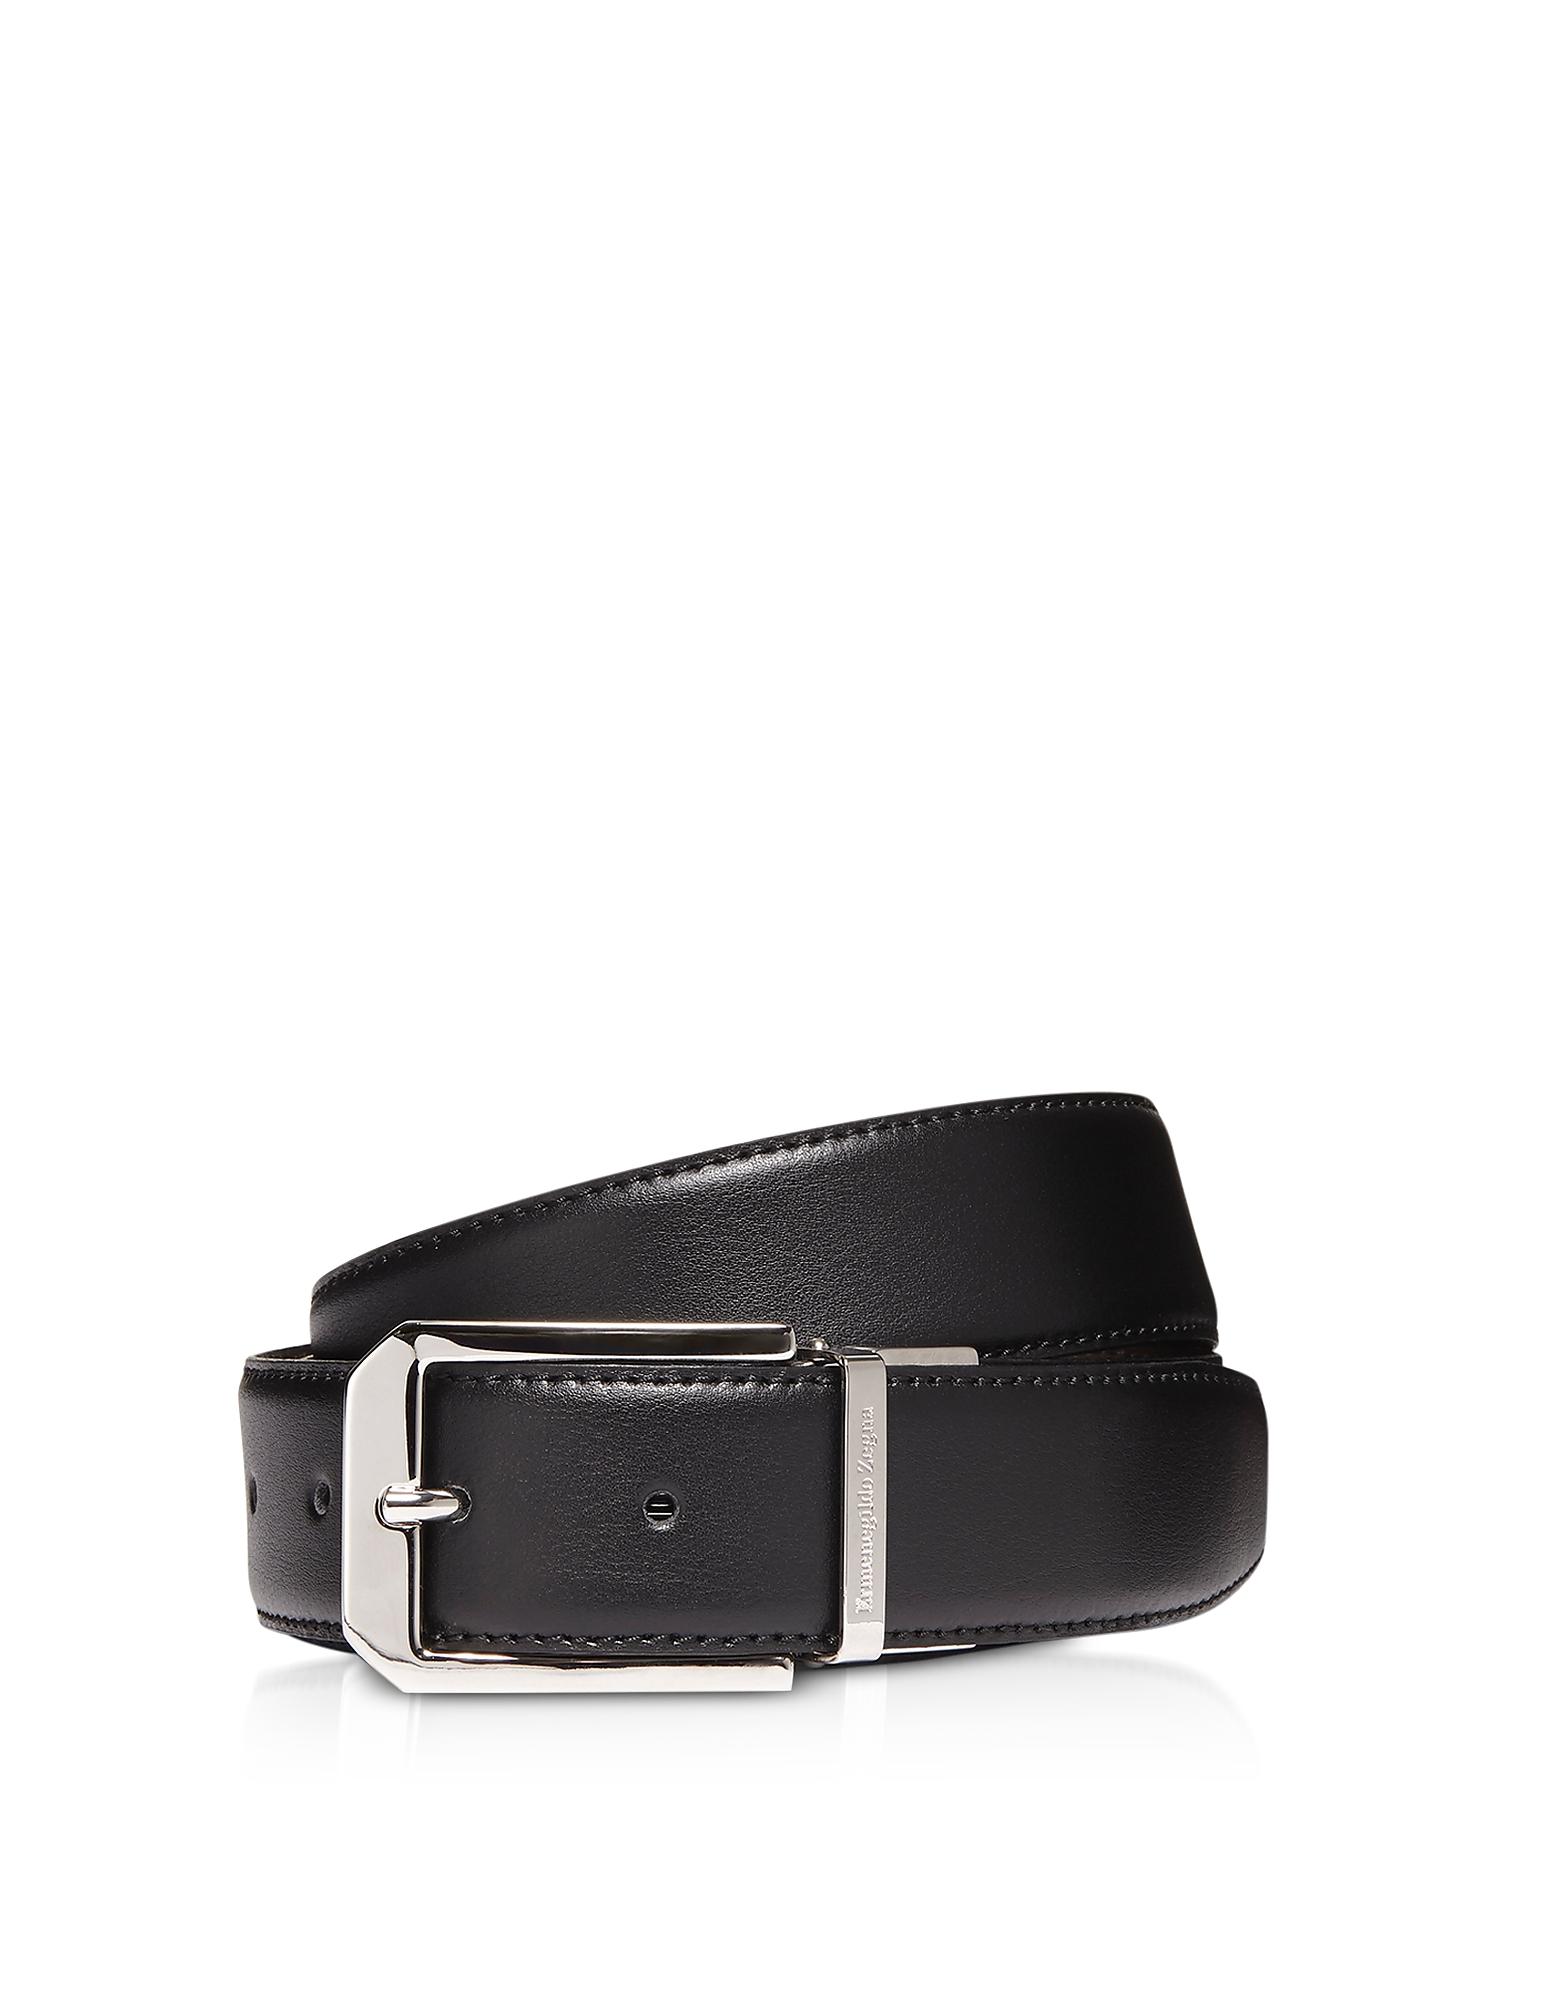 Black Genuine Leather Reversible and Adjustable Men's Belt